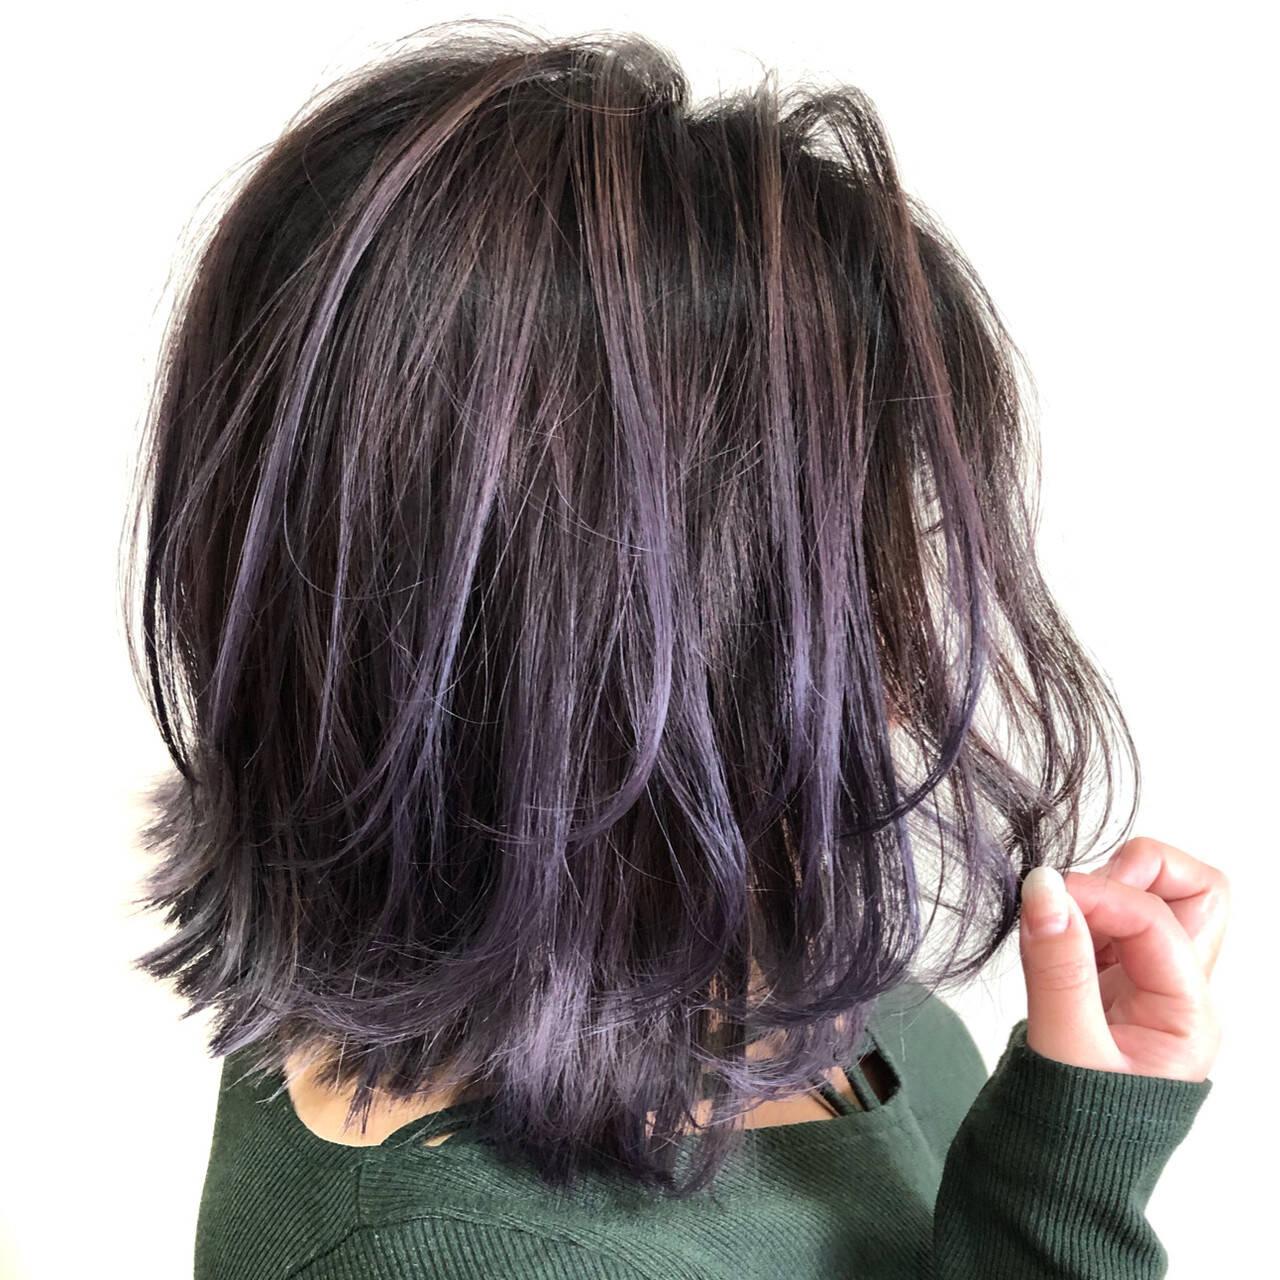 外国人風カラー フェミニン ピンクパープル バレイヤージュヘアスタイルや髪型の写真・画像